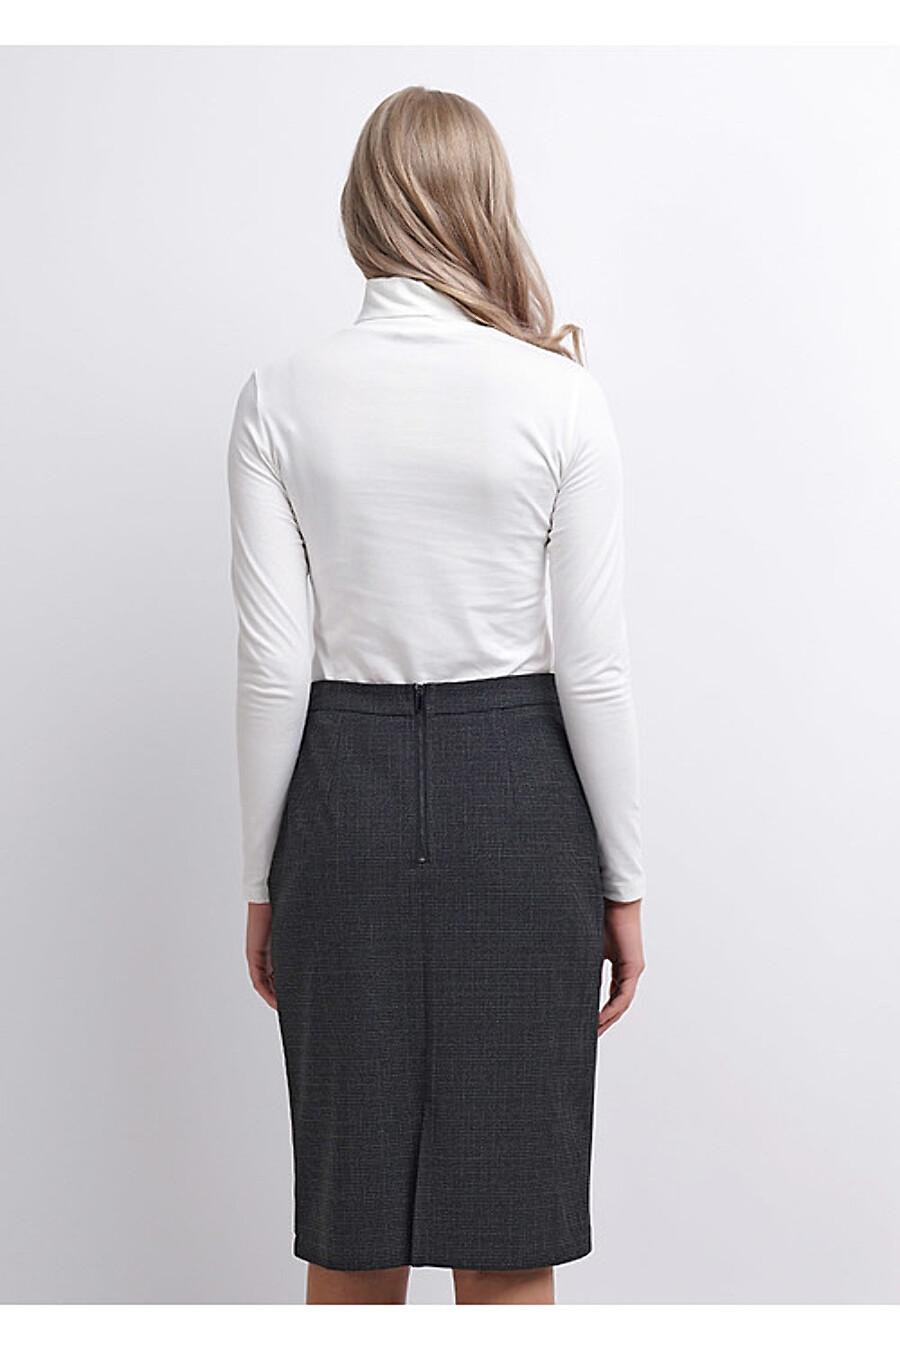 Юбка для женщин CLEVER 158773 купить оптом от производителя. Совместная покупка женской одежды в OptMoyo